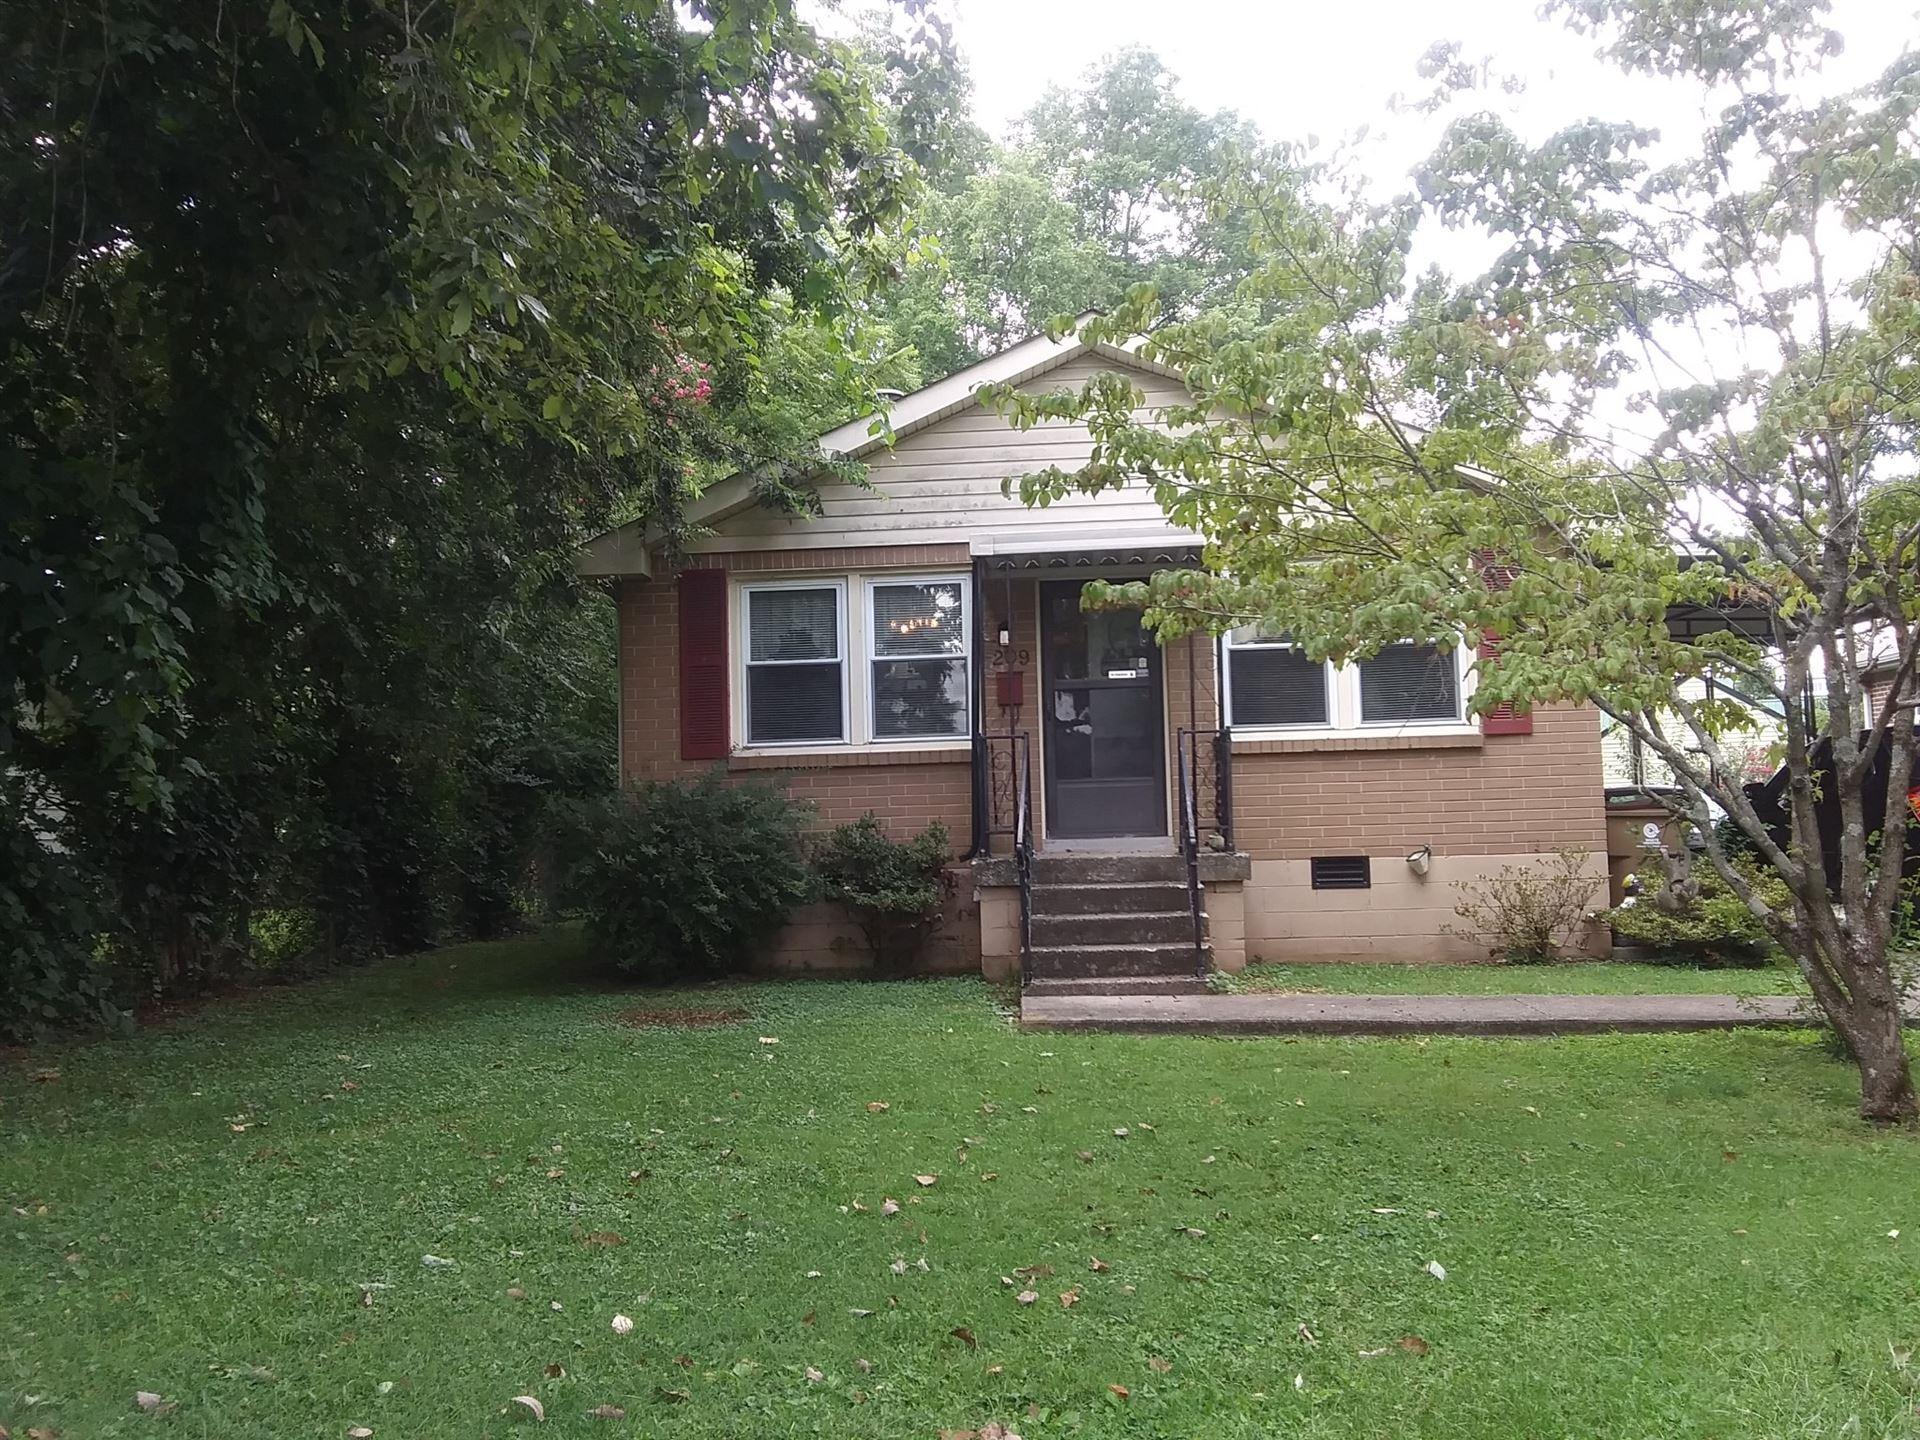 209 East Ave, Goodlettsville, TN 37072 - MLS#: 2292266